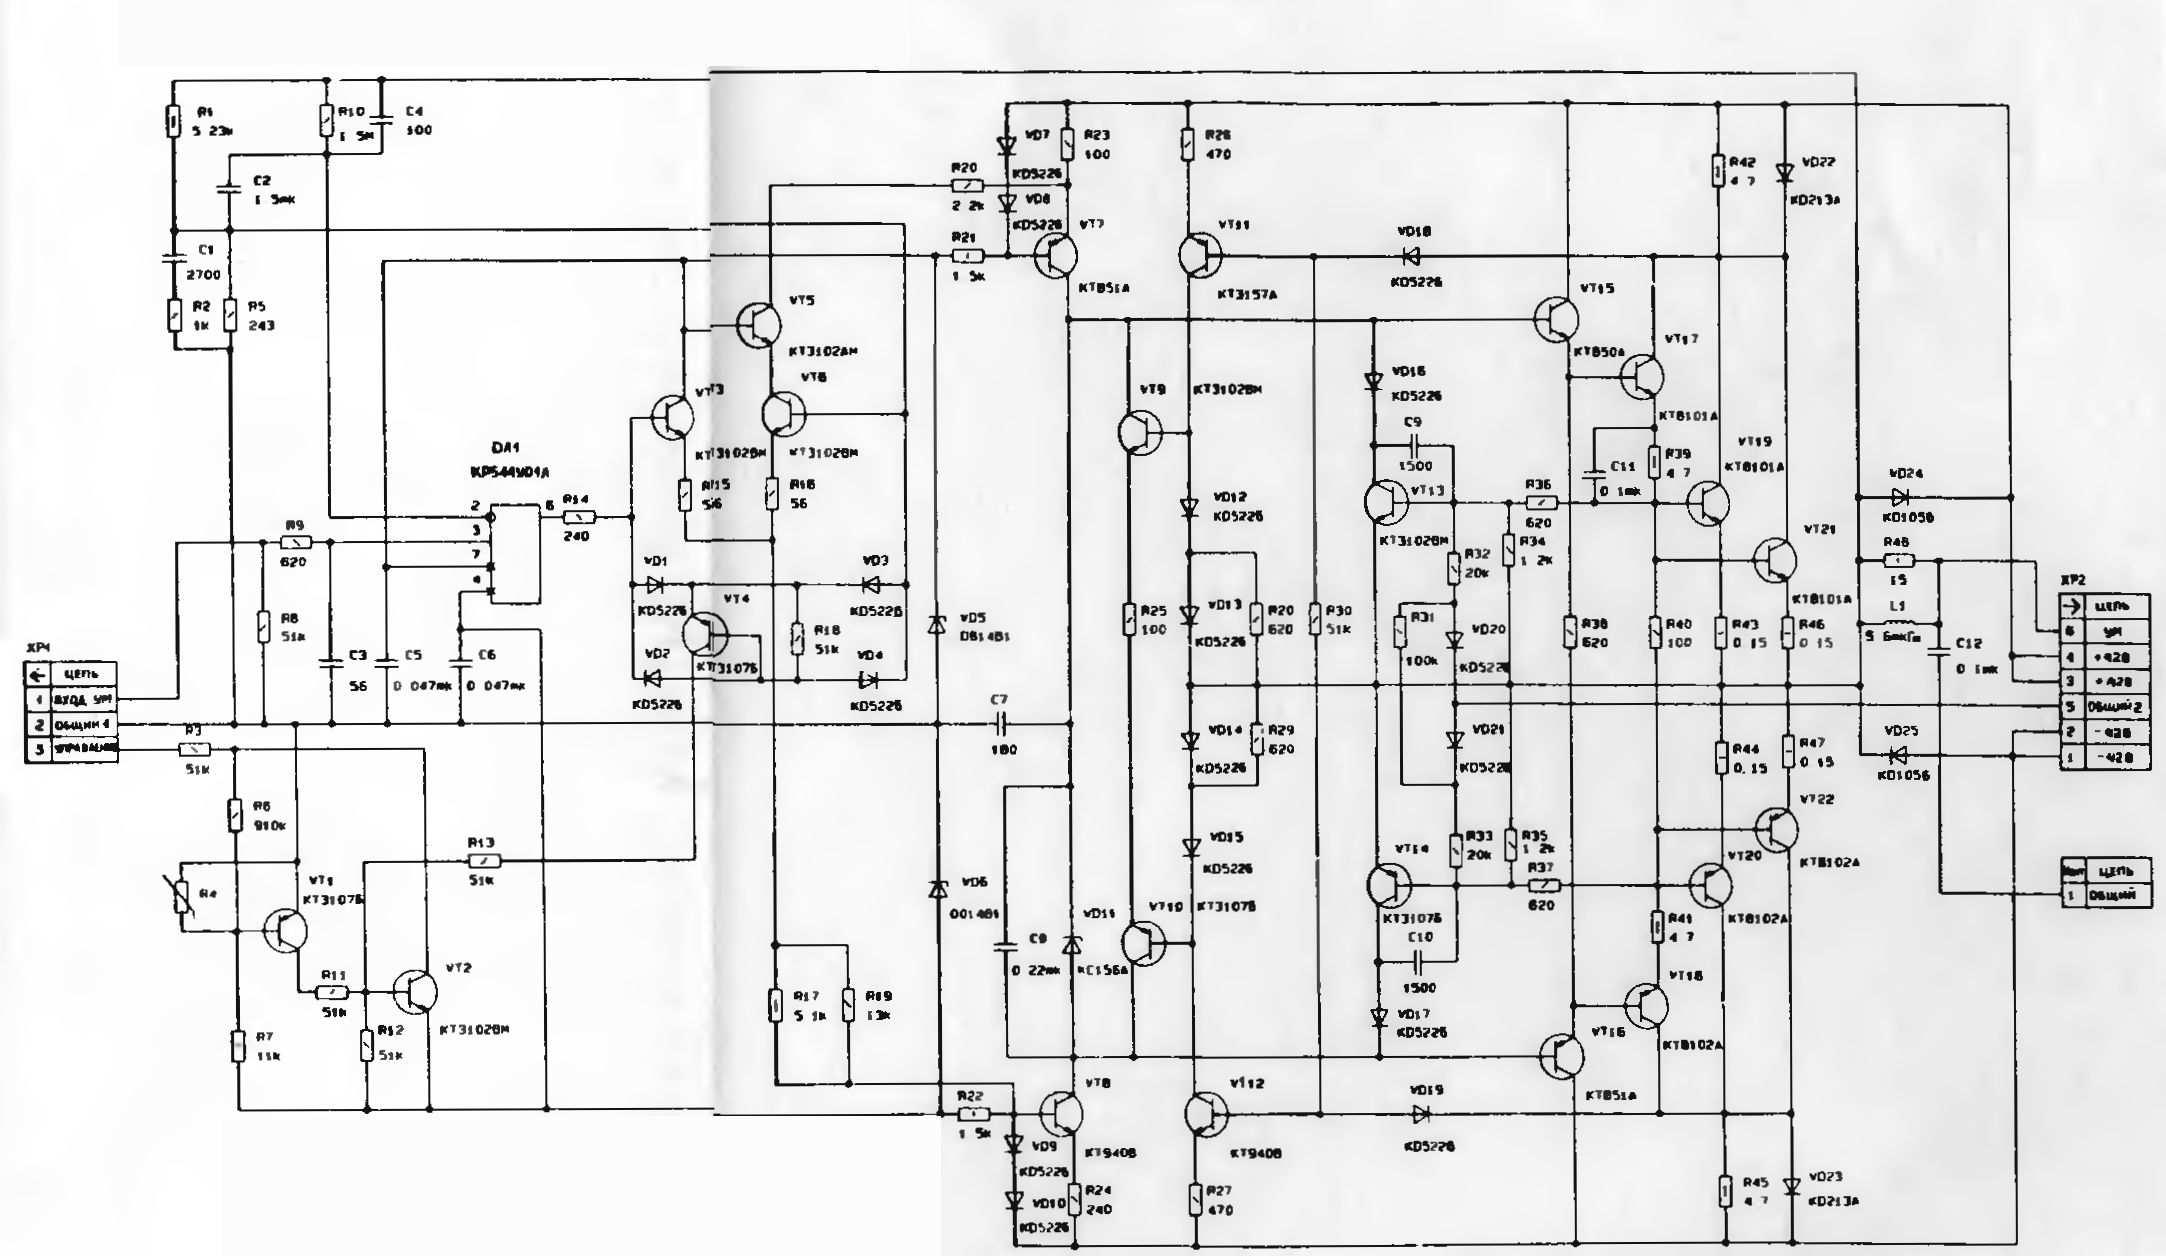 усилитель-ограничитель на микросхеме схема